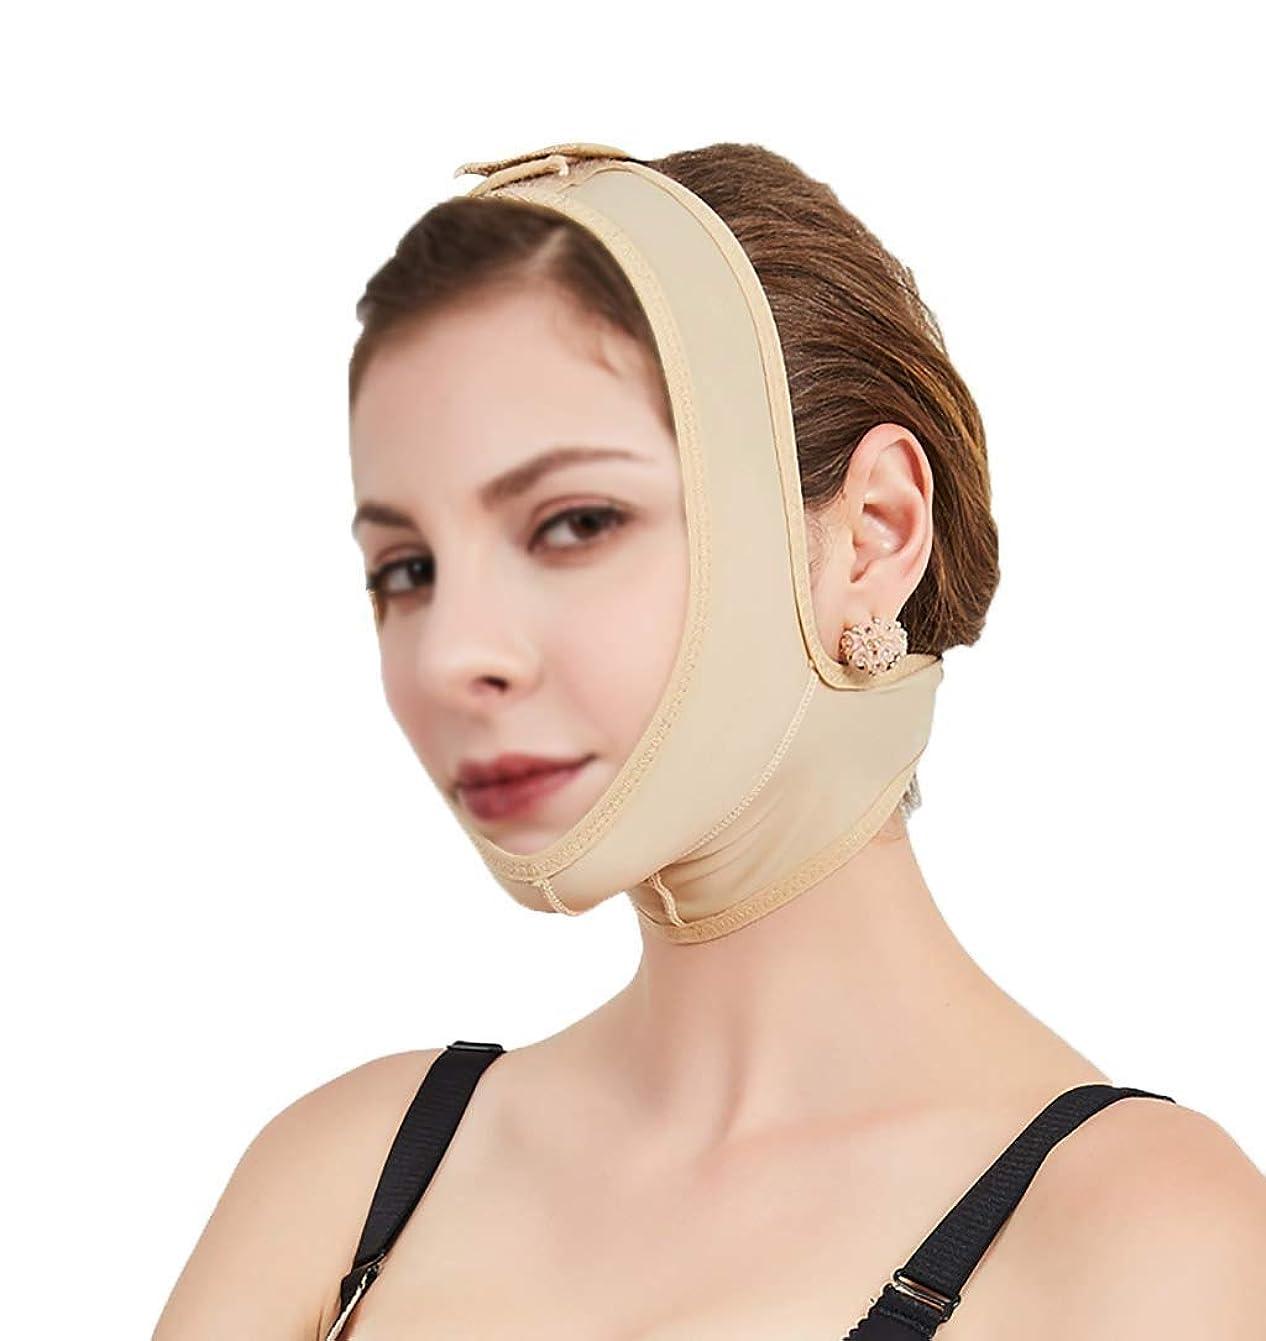 請求可能役員電話をかけるフェイスアンドネックリフトポストエラスティックスリーブ下顎骨セットフェイスアーティファクトVフェイスフェイシャルフェイスバンドルダブルチンマスク(サイズ:M)